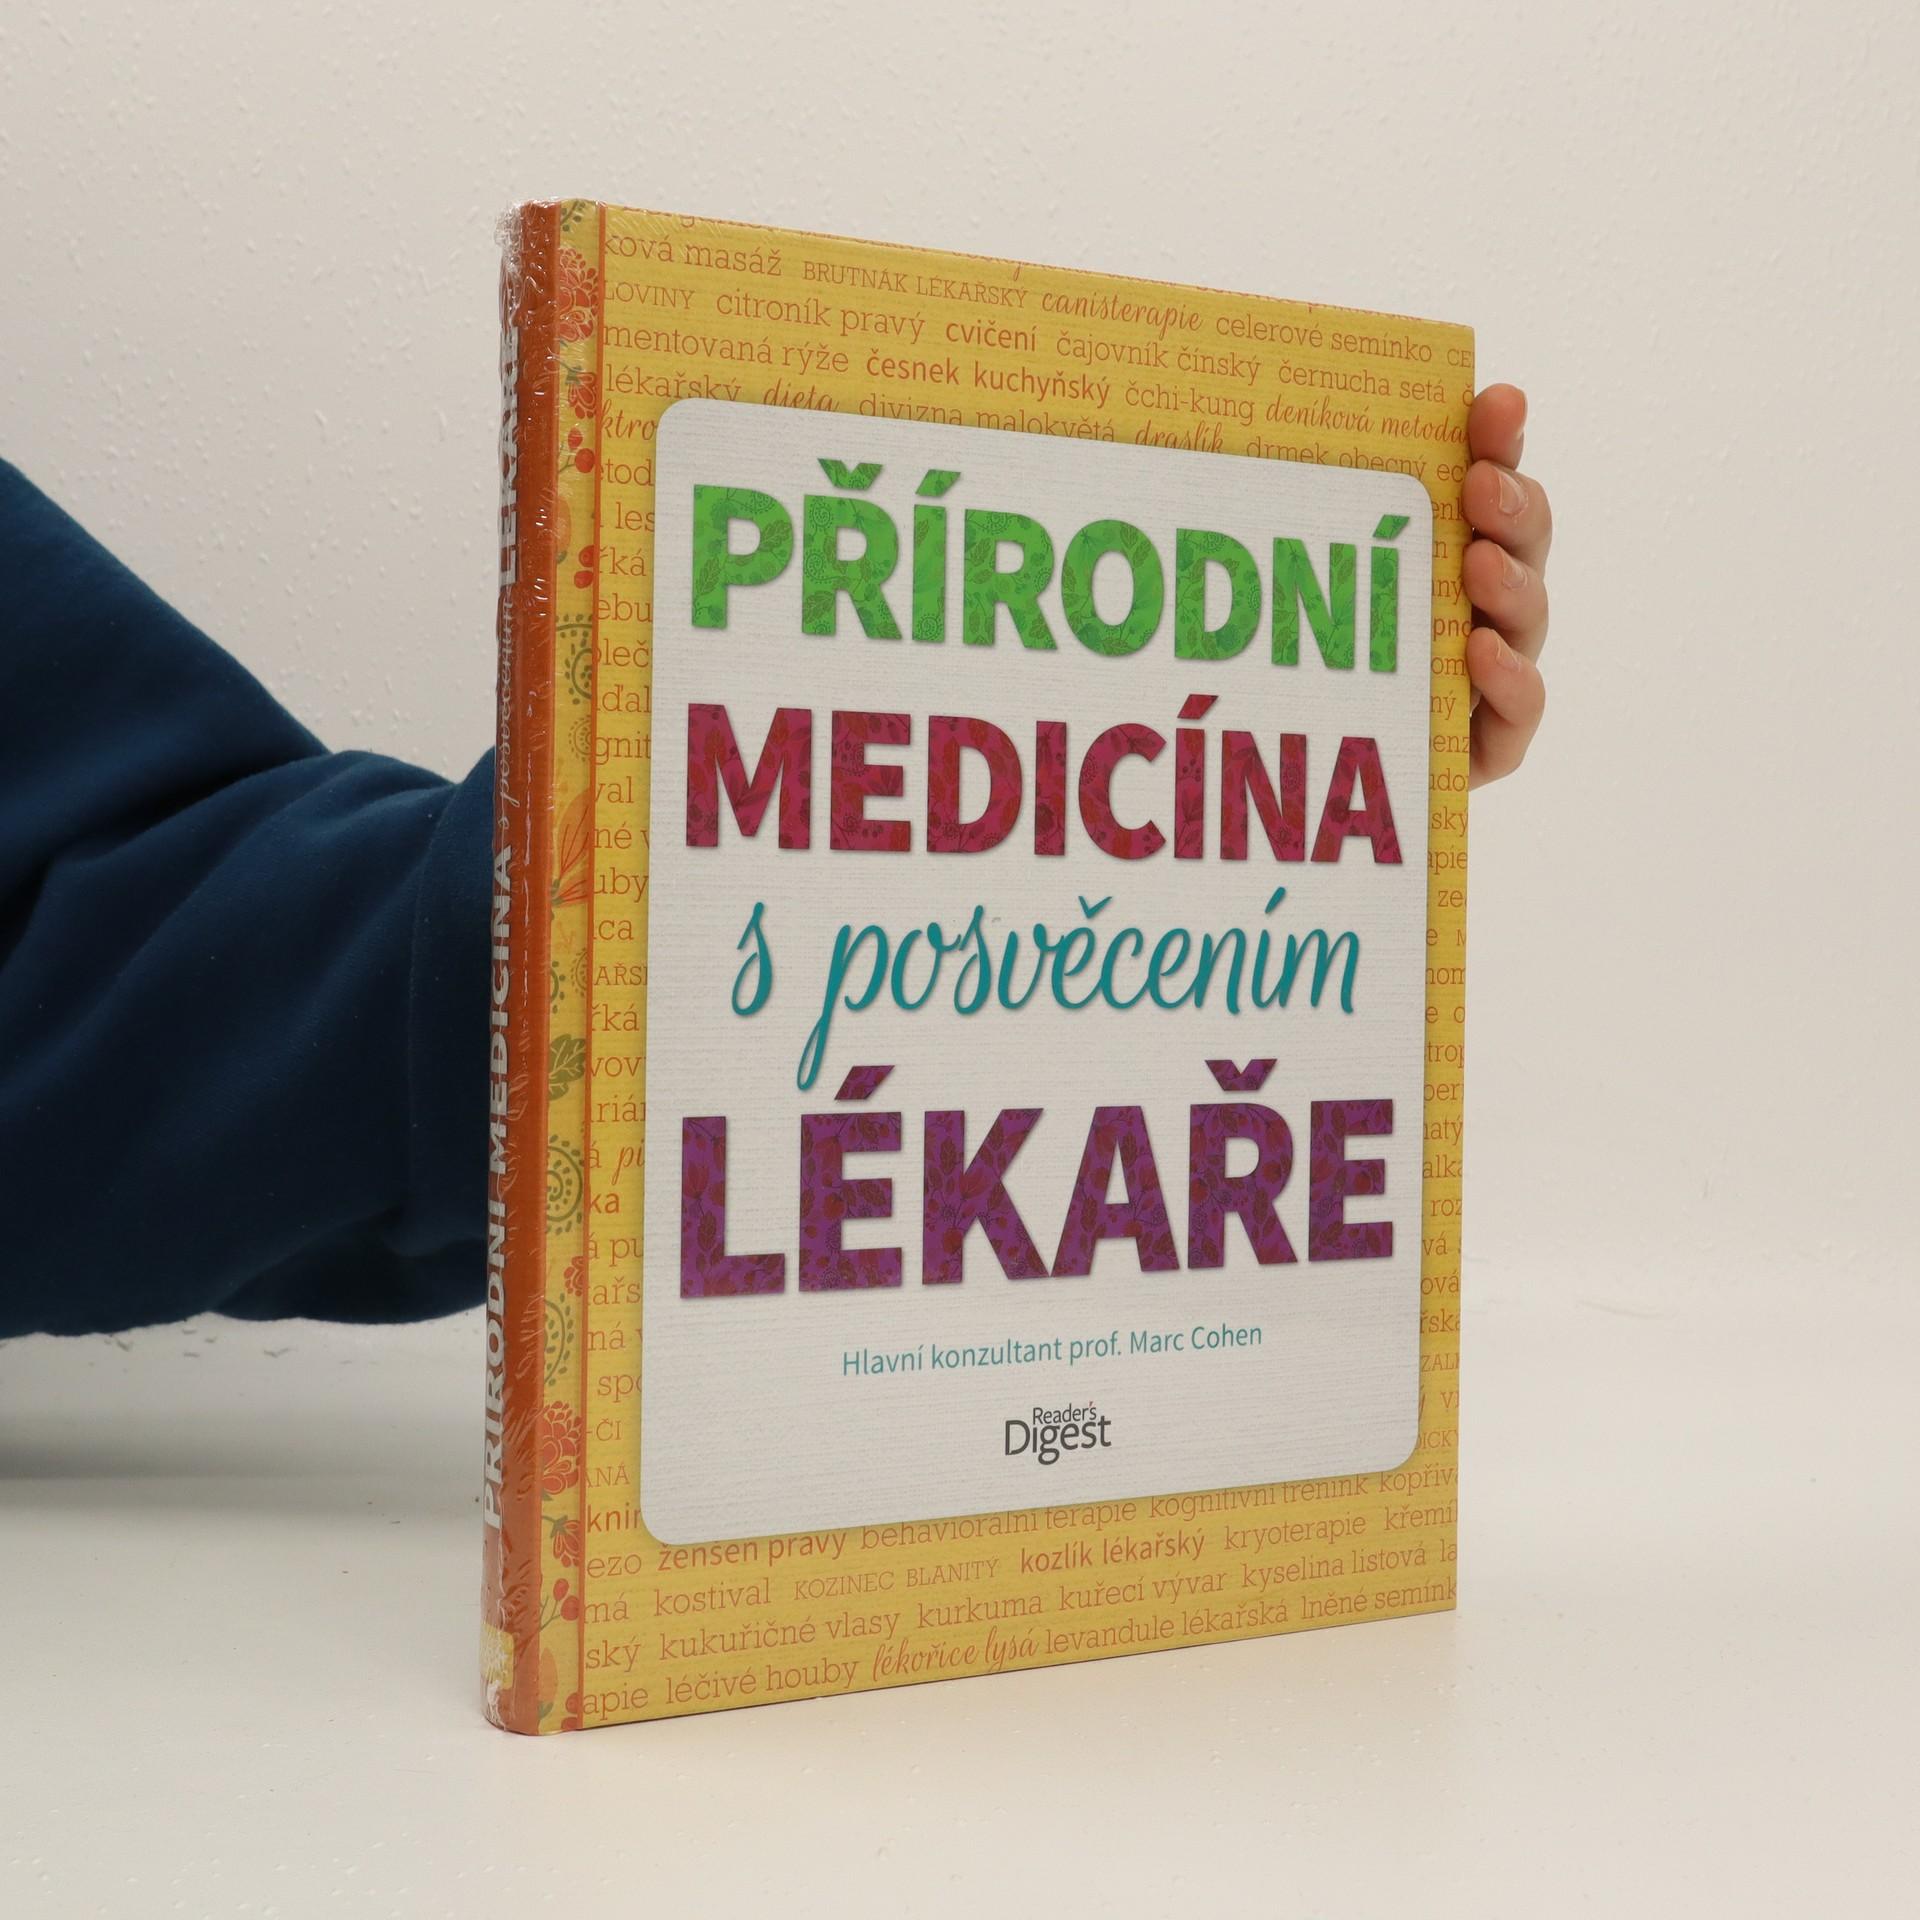 antikvární kniha Přírodní medicína s posvěcením lékaře, 2015